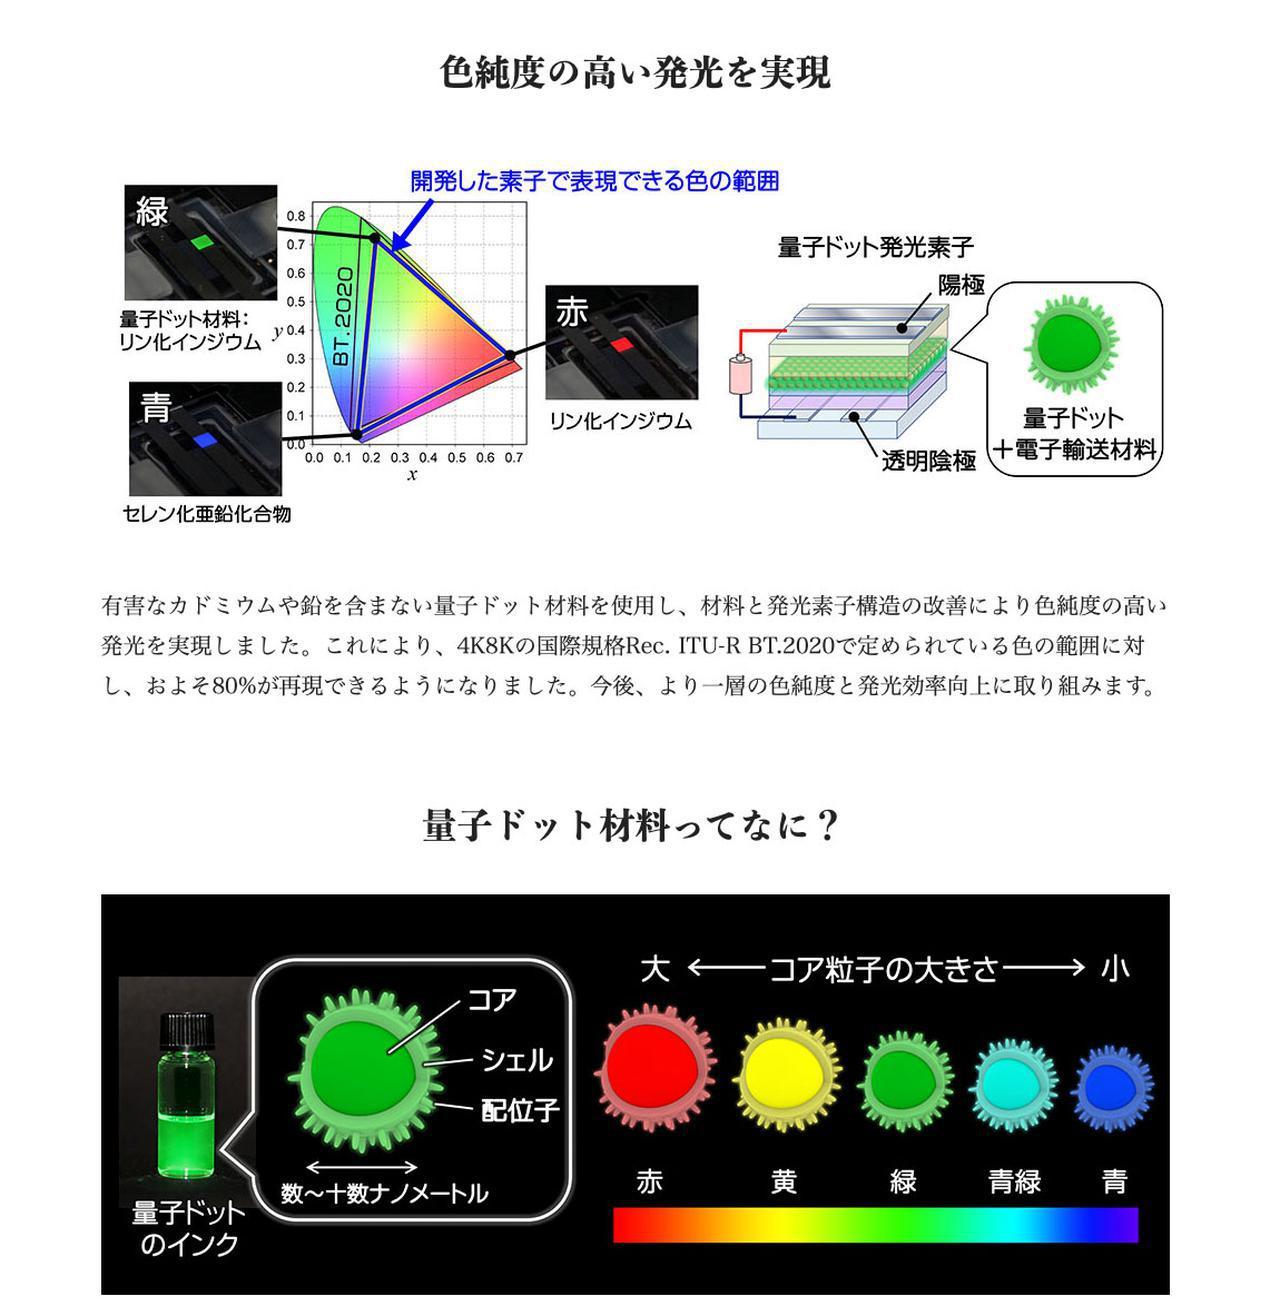 画像: 技研公開のオンラインサイトで紹介されている、量子ドット発光素子の解説